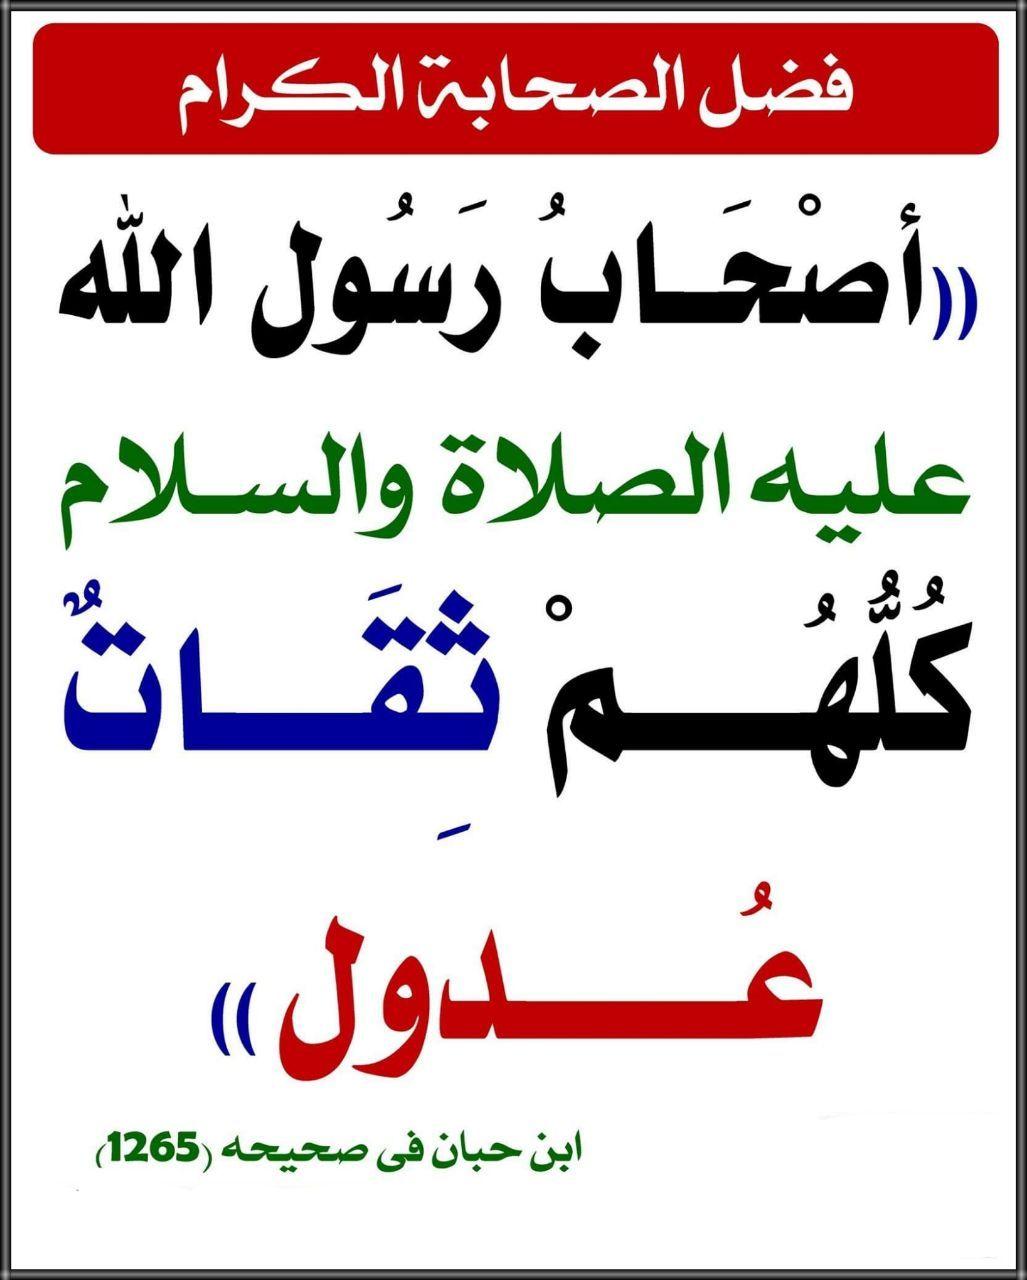 تمام صحابہ کرام ثقہ اور عادل ہیں Sahabah Islam Arabic Calligraphy Calligraphy